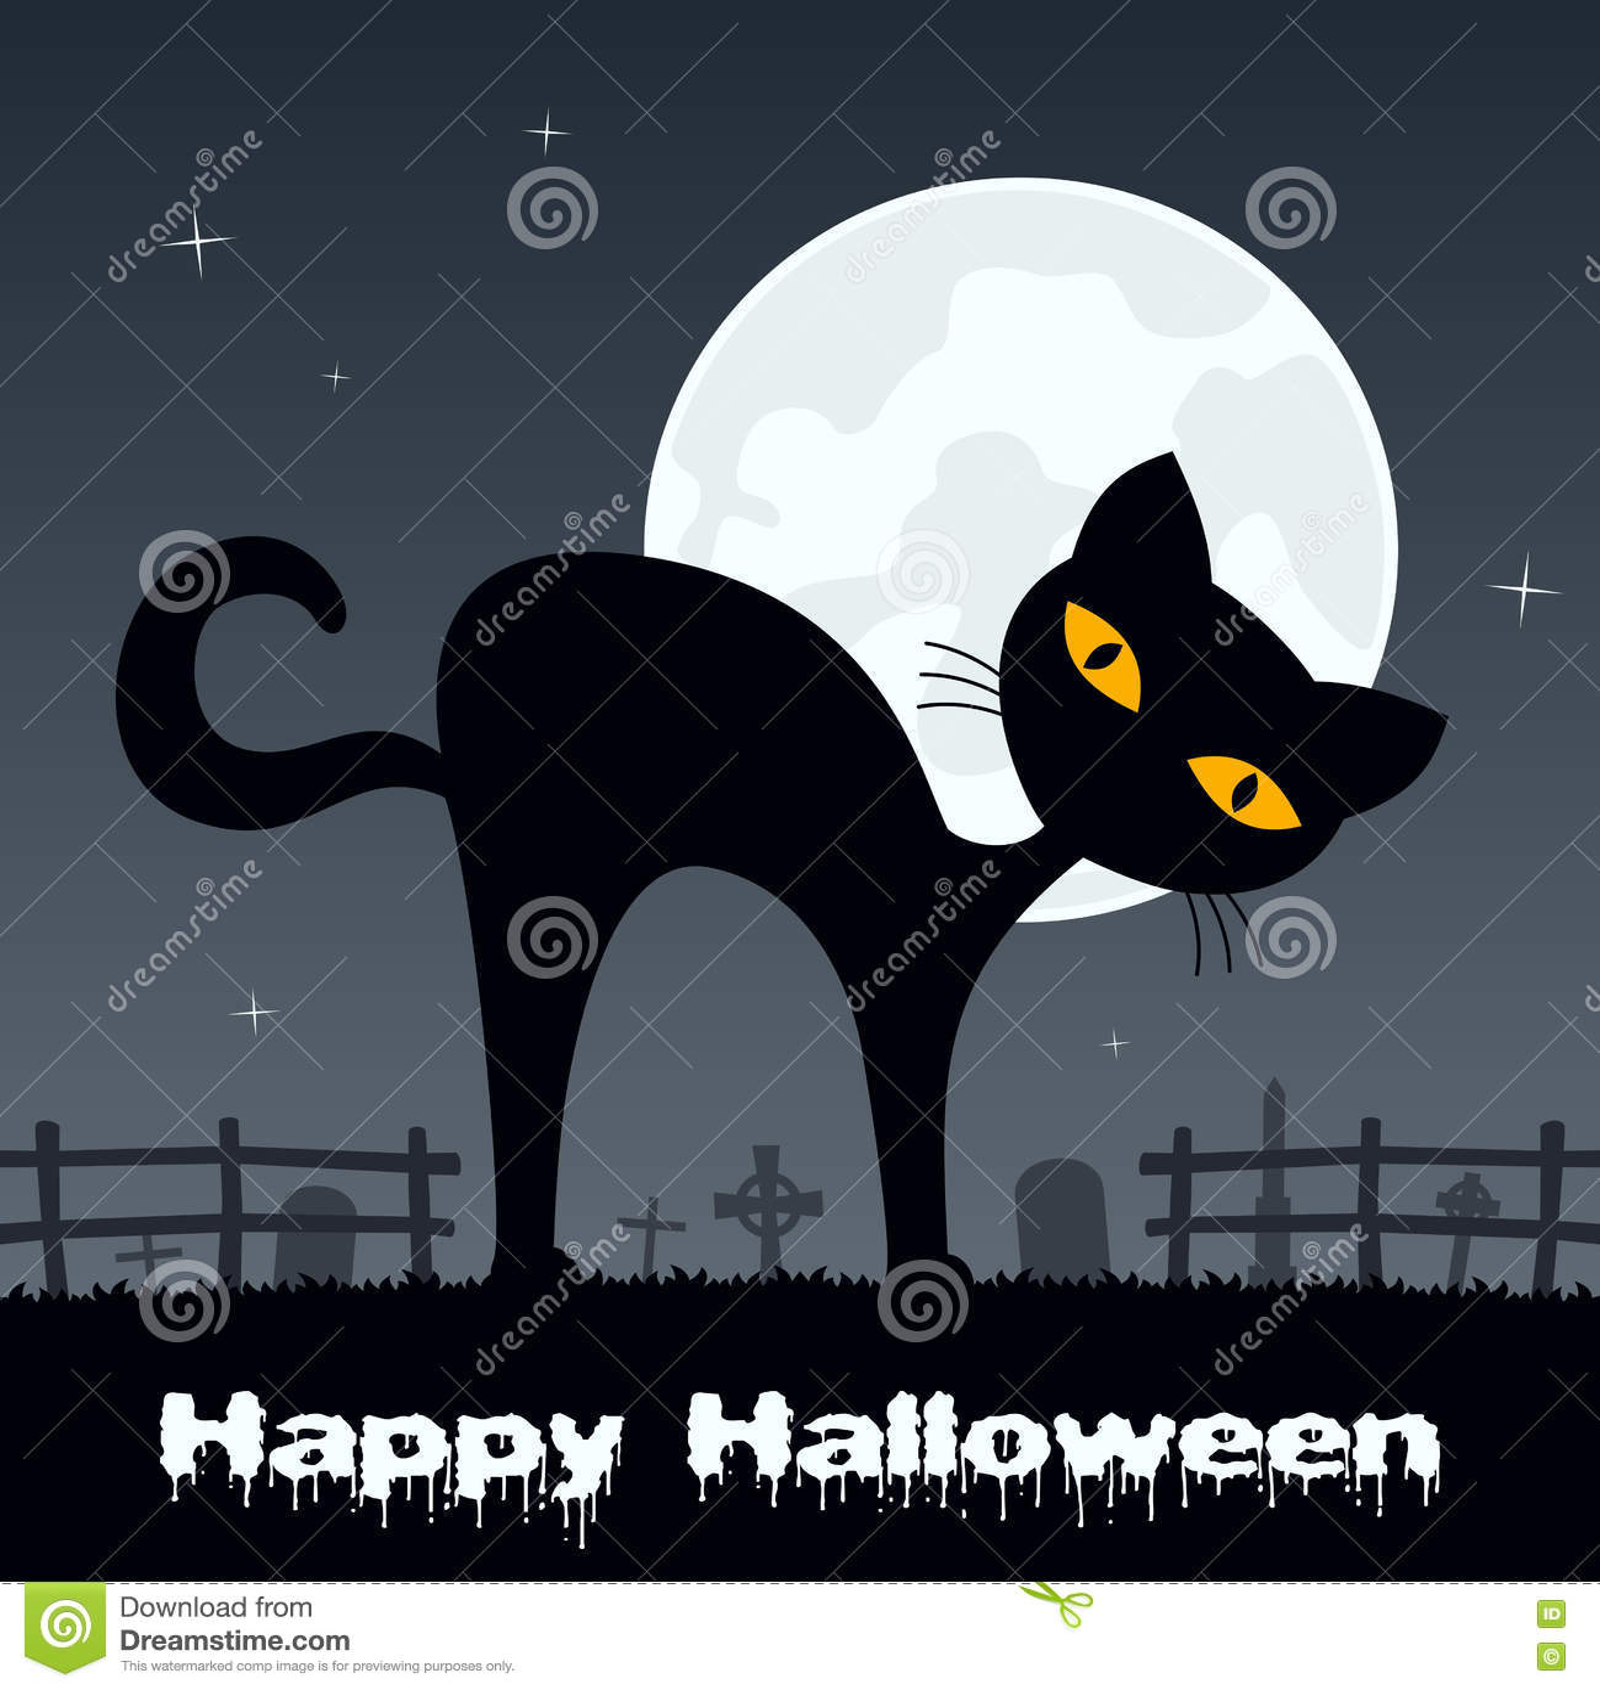 chat noir de halloween dans un cimeti re effrayant illustration de vecteur illustration du. Black Bedroom Furniture Sets. Home Design Ideas